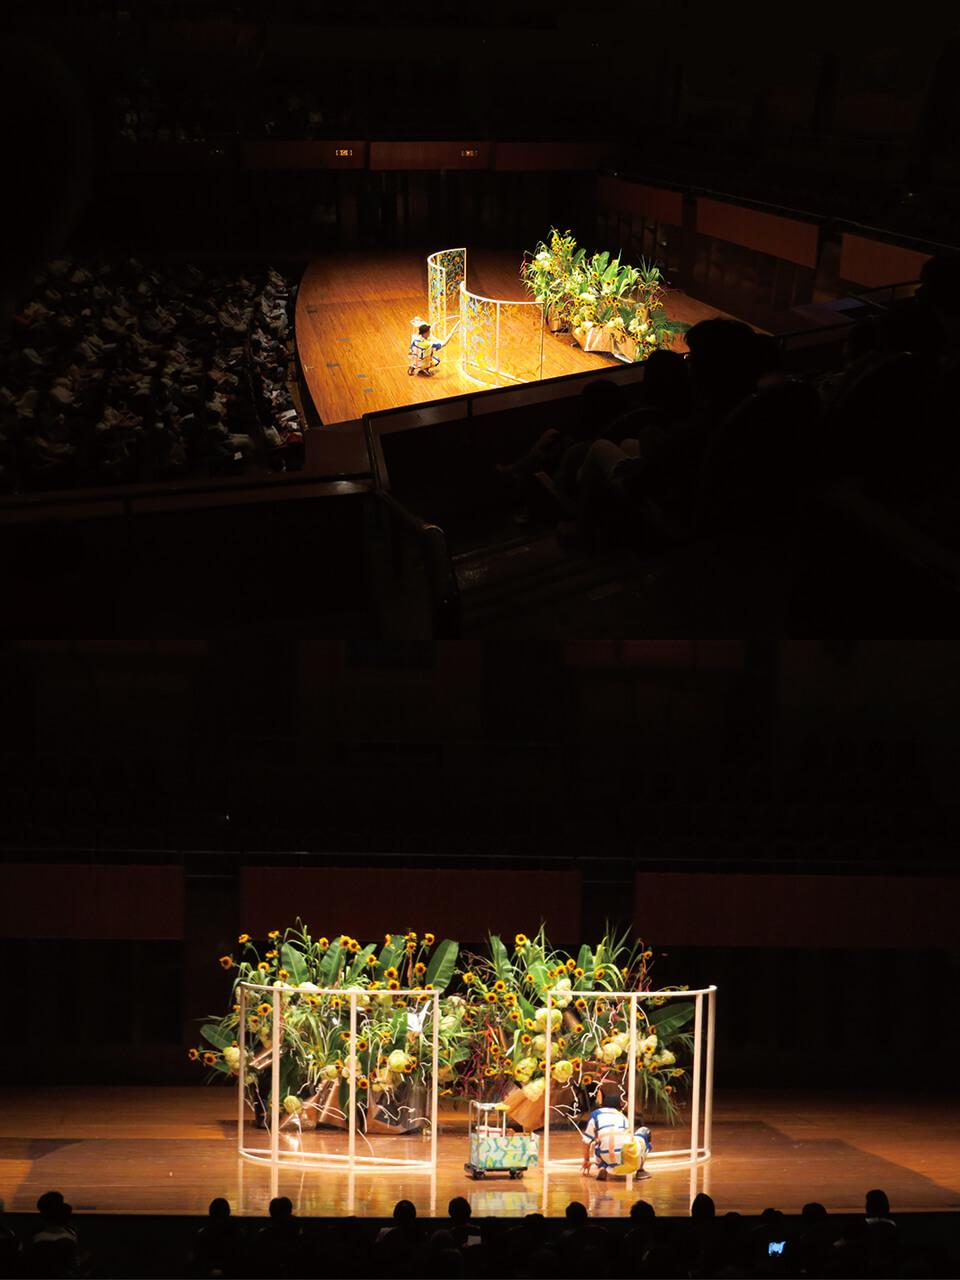 未生流いけばなデモンストレーション「もう一度いけばな」<br /> 2015<br /> お花とコラボレーション・ライブペインティング<br /> 大阪ザ・シンフォニーホール<br /> 主催:(一般財団法人)未生流會館